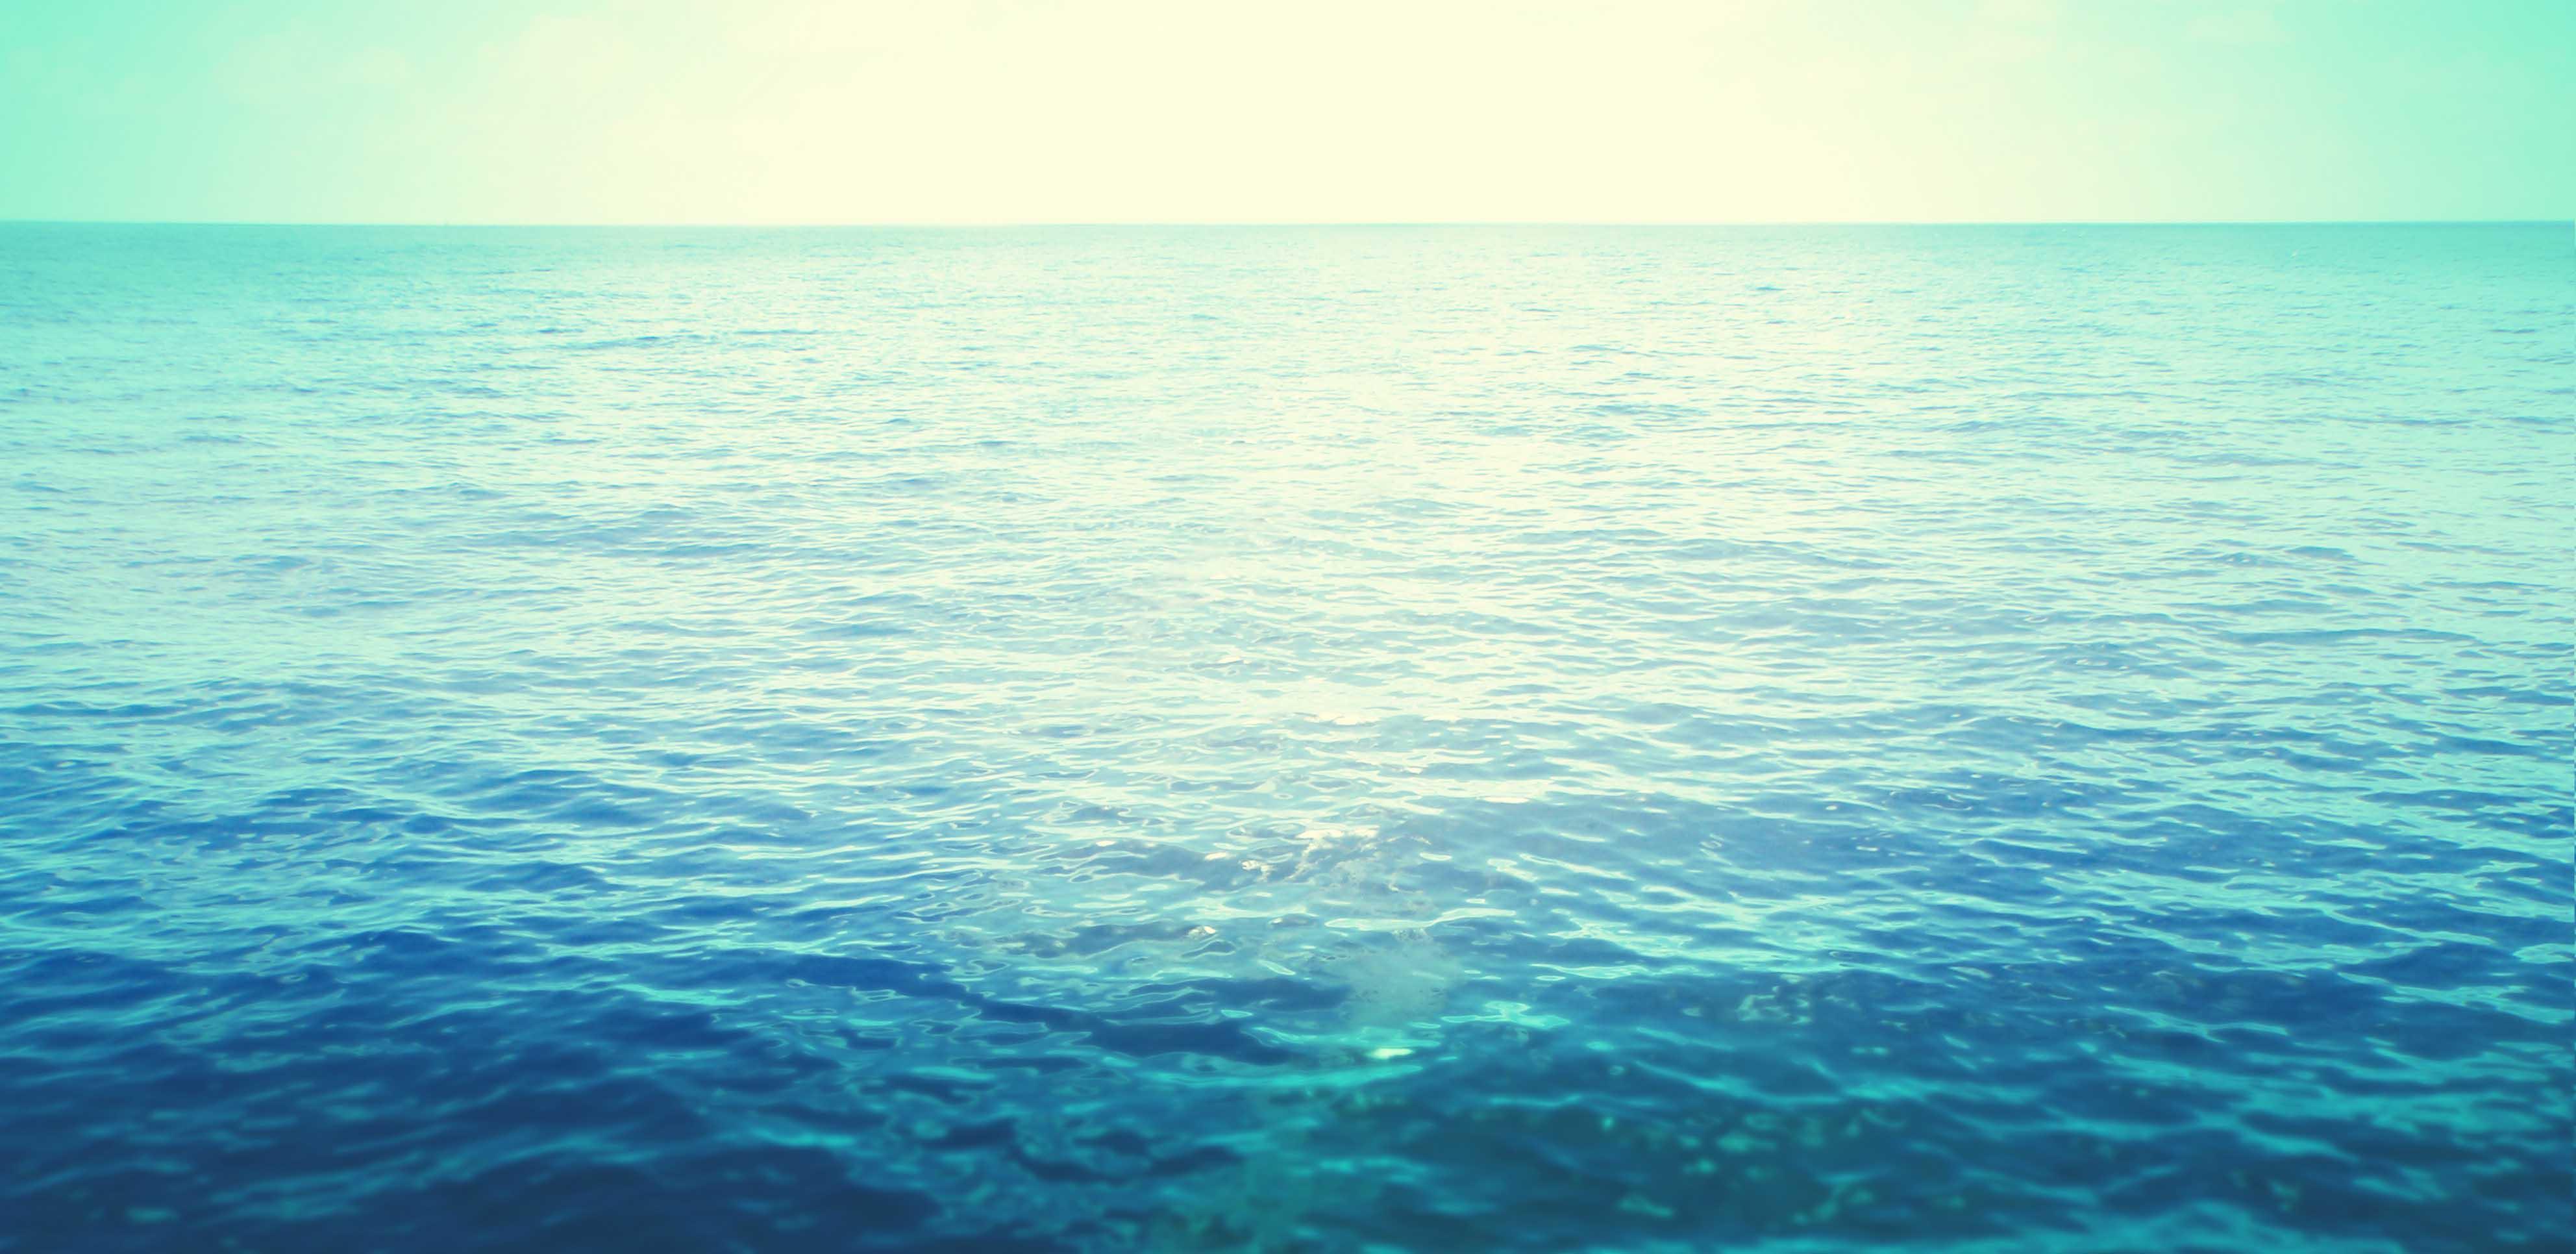 太古股份有限公司 - 关于我们 > 海洋服务